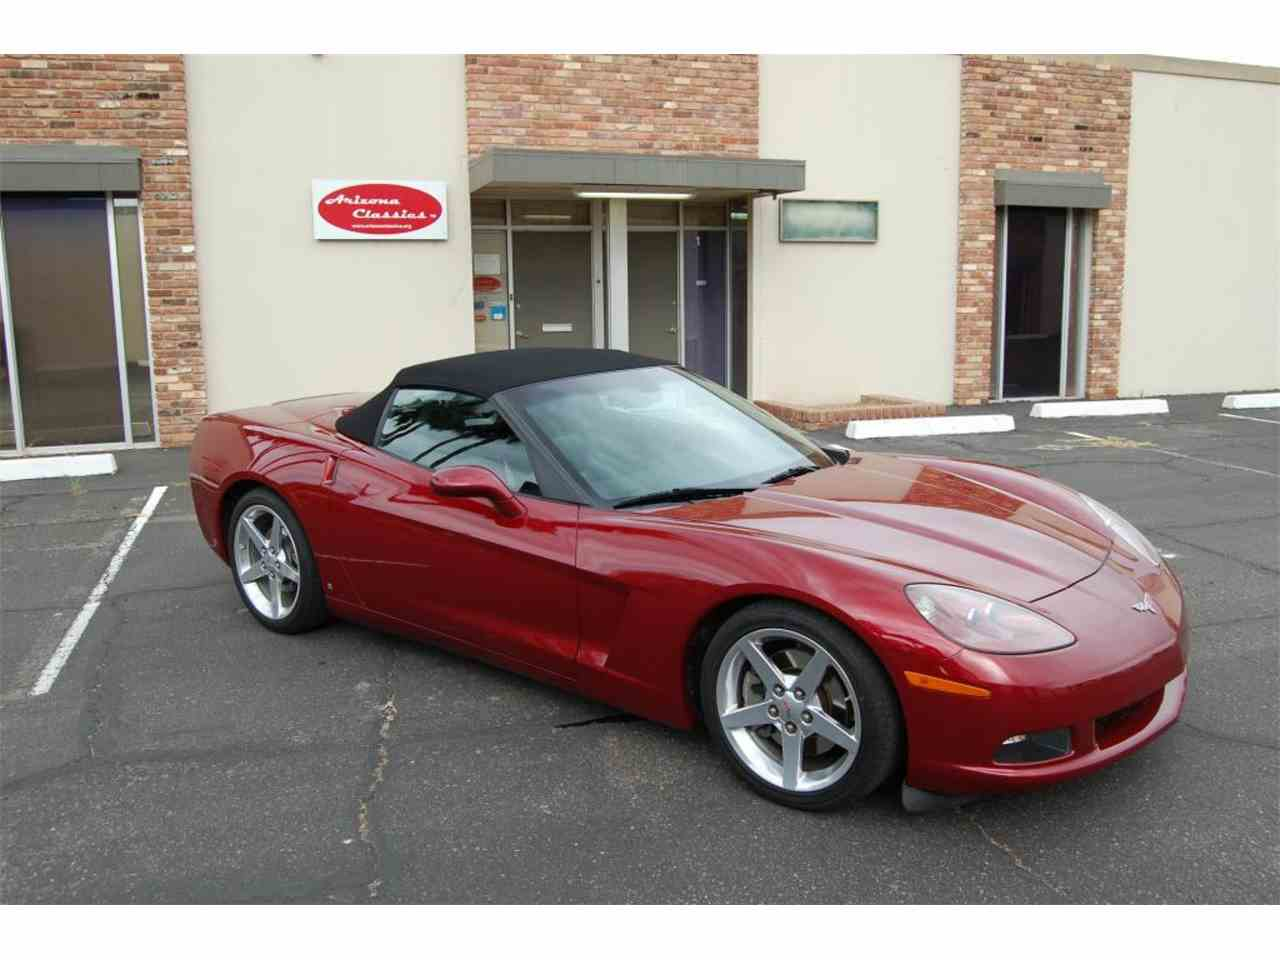 Large Picture of '06 Chevrolet Corvette - $25,499.00 - L1ZB